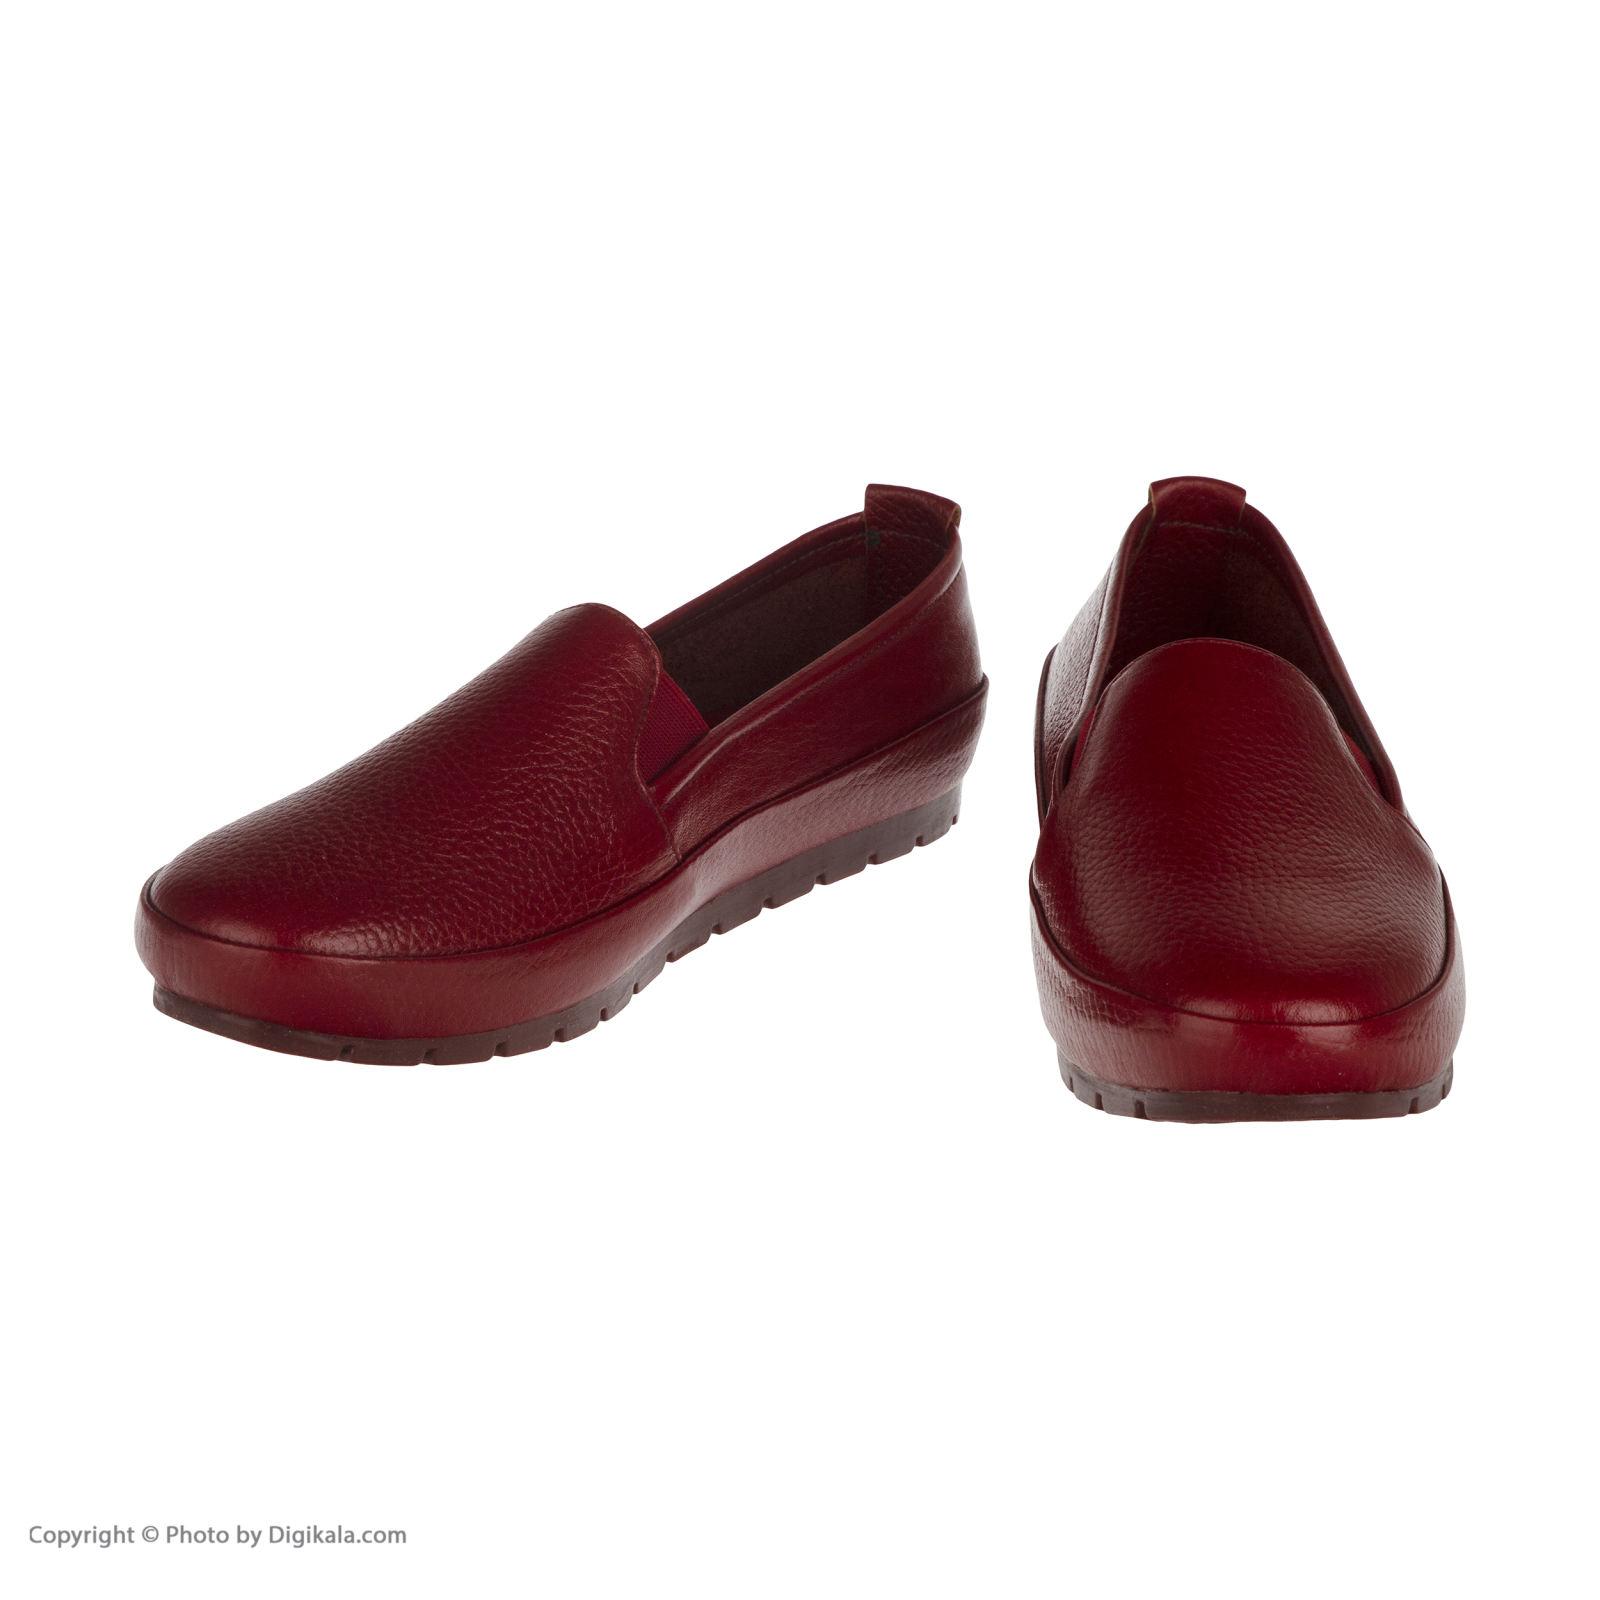 کفش روزمره زنانه بلوط مدل 5313A500102 -  - 6